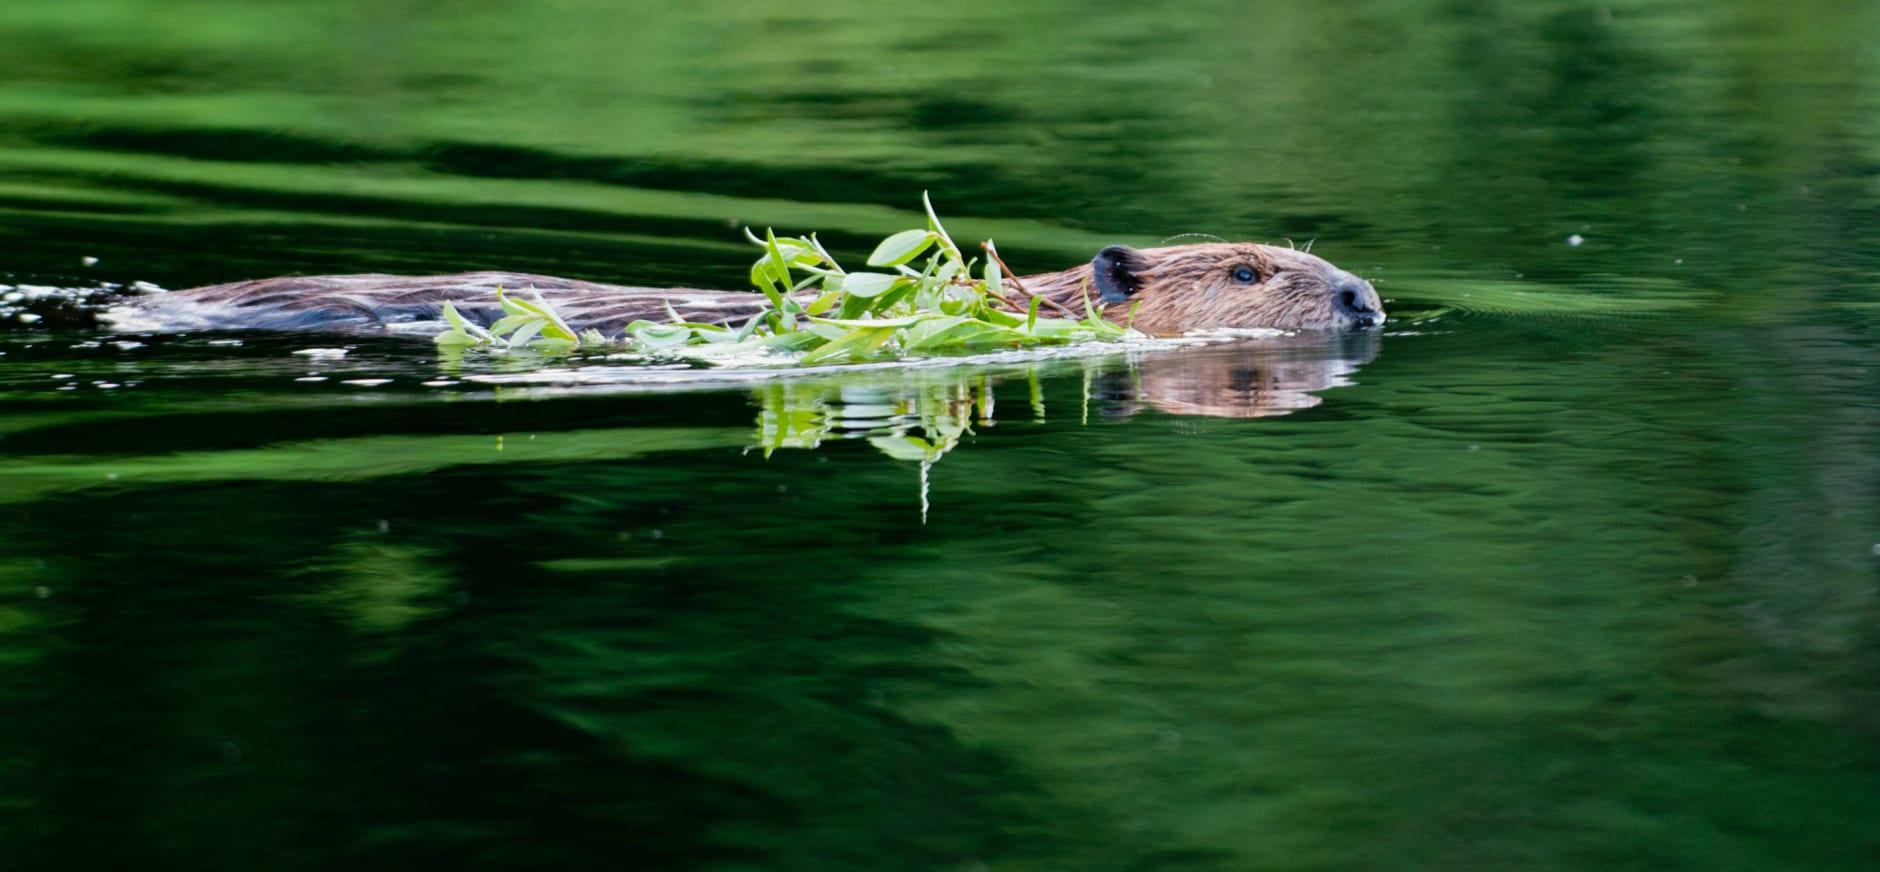 bever zwemt